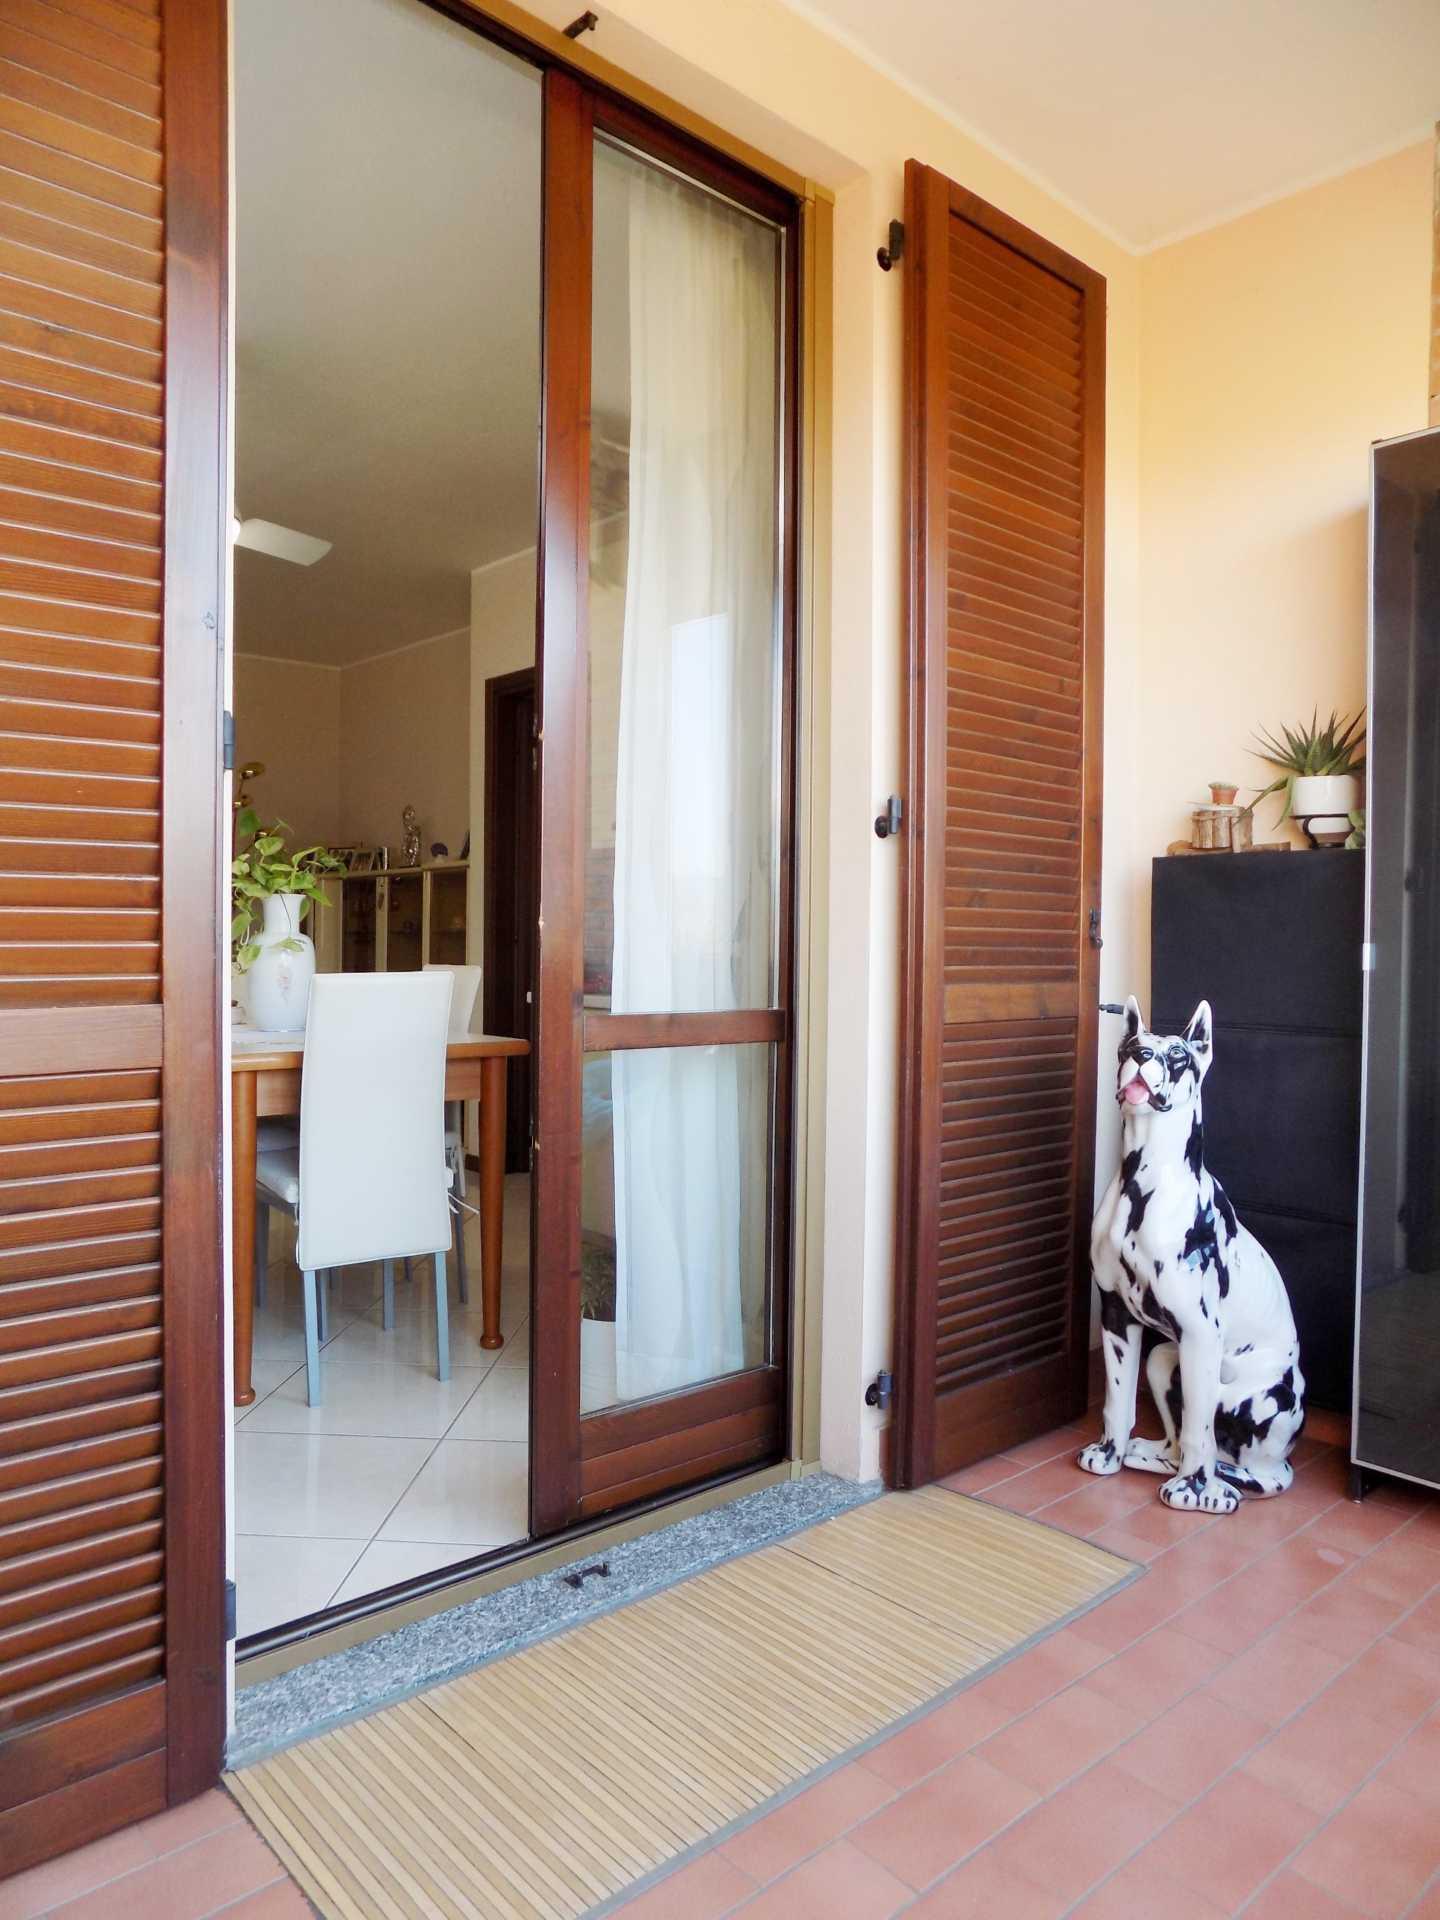 Bernareggio-appartamento-in-vendita (34)